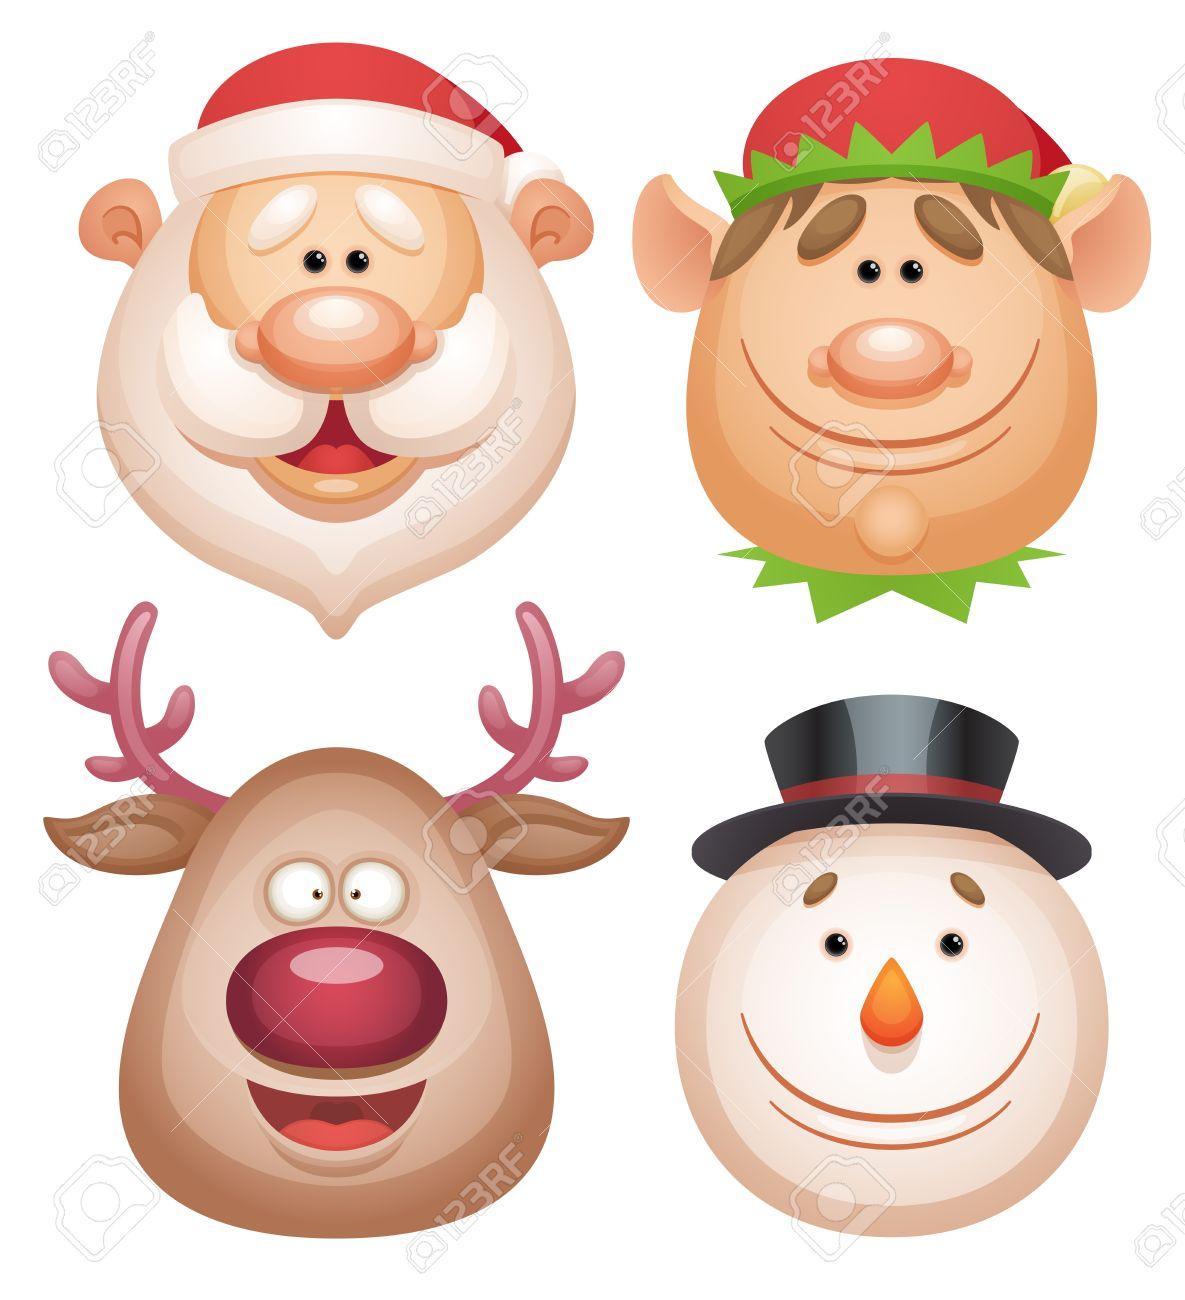 Christmas characters set - Santa, Elf, Deer, Snowman - 15783685